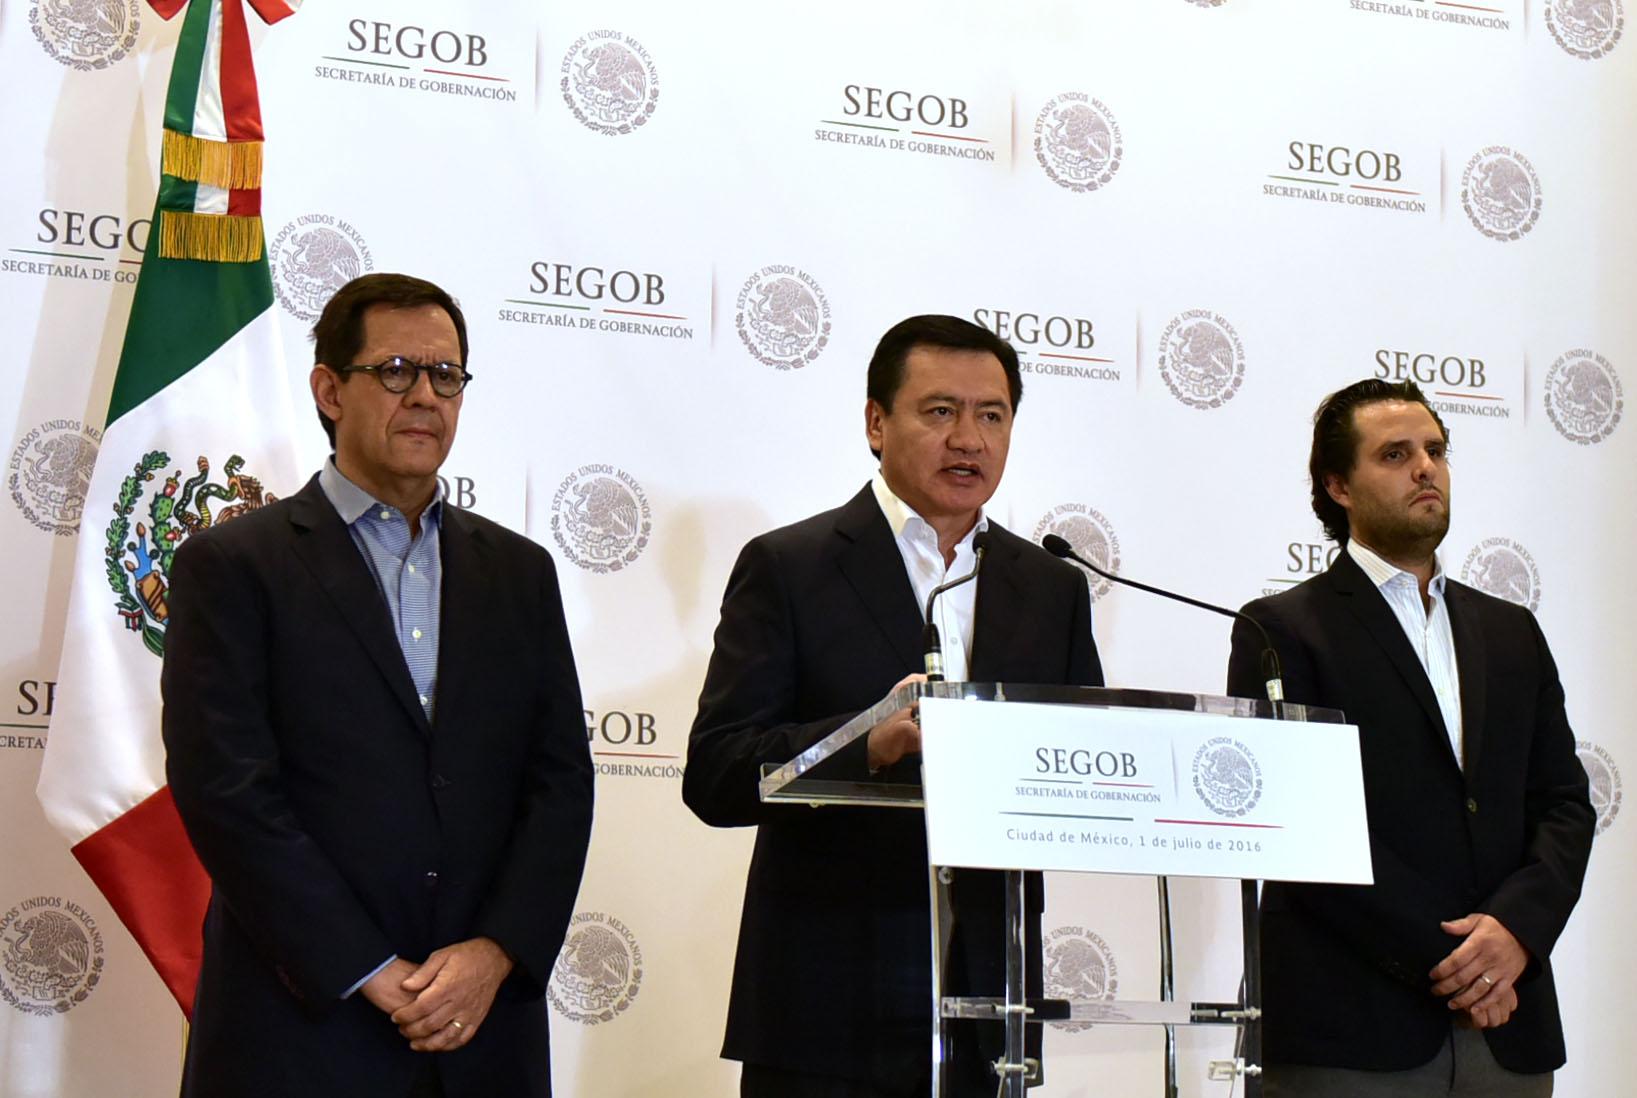 El Secretario de Gobernación, Miguel Ángel Osorio Chong, acompañado por el Subsecretario de Derechos Humanos, Roberto Campa y el Coordinador de Asesores, Guillermo Lerdo de Tejada